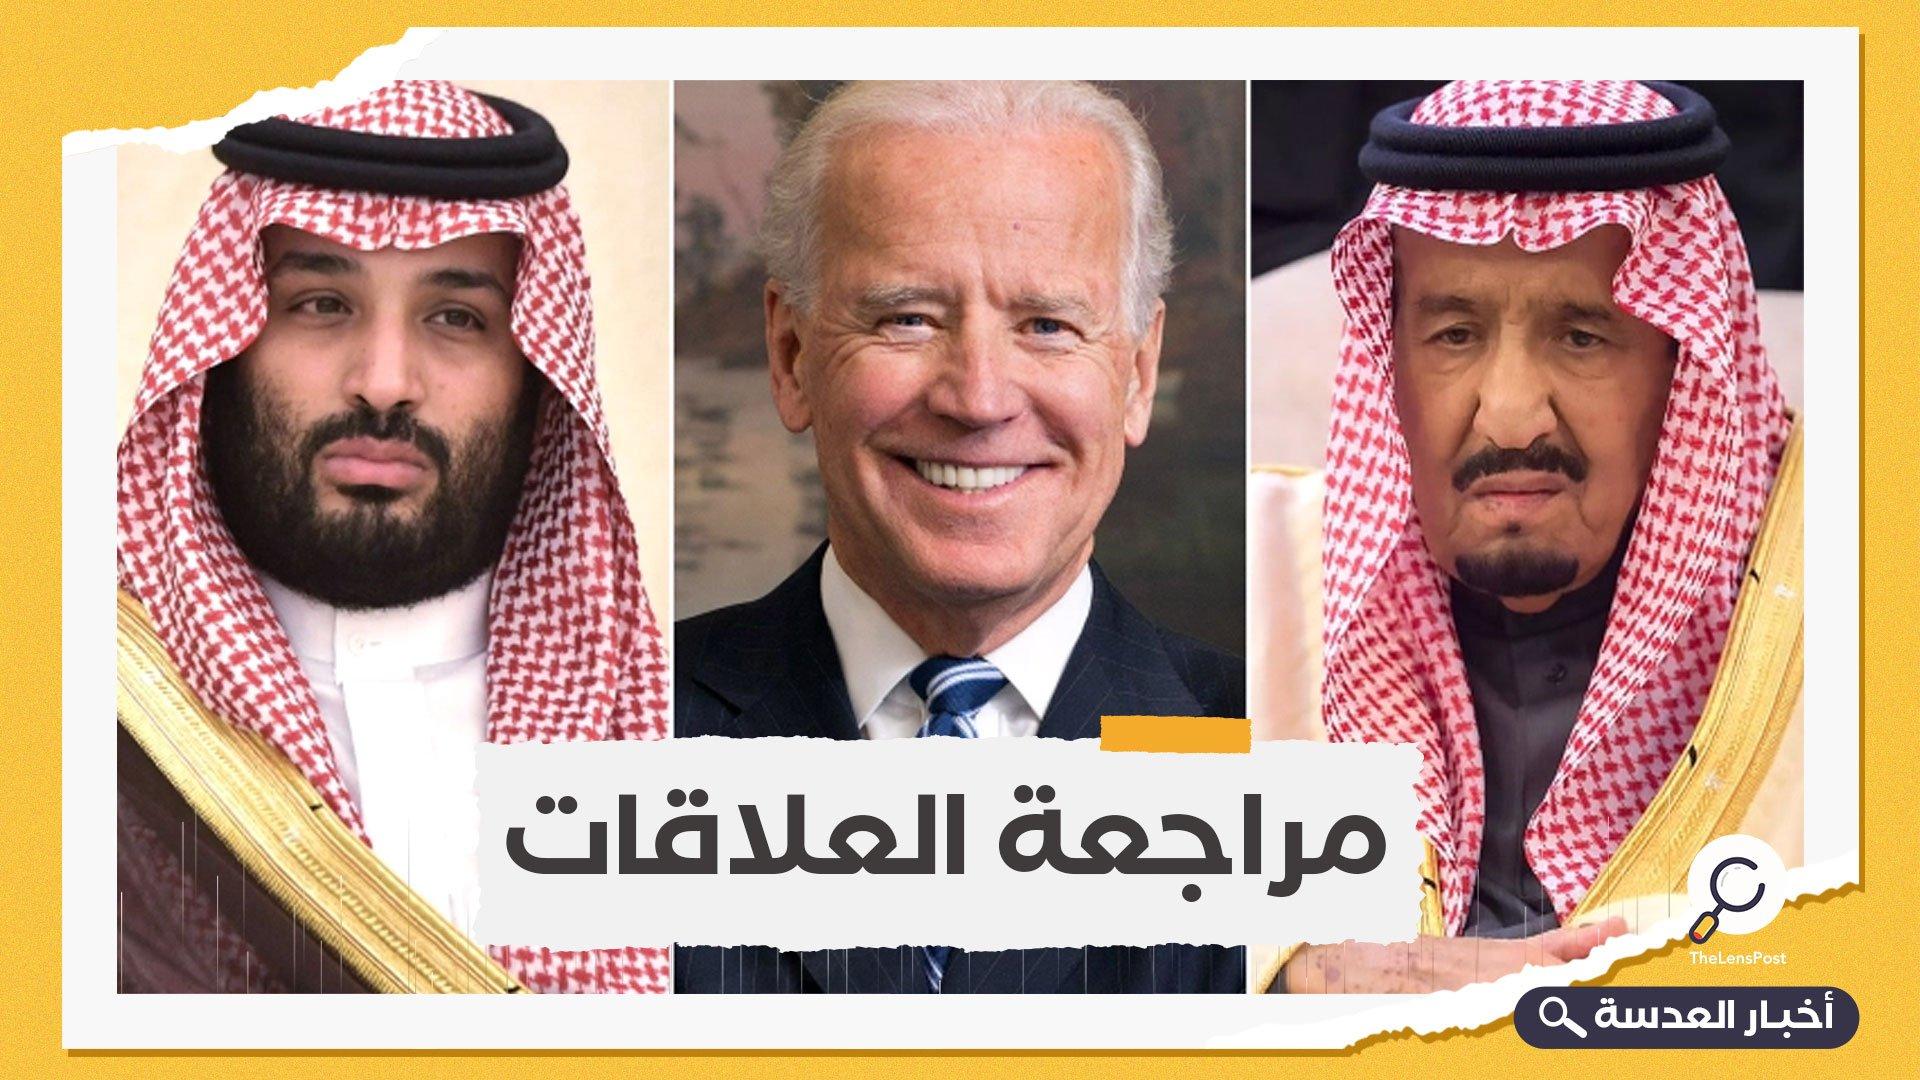 مركز دراسات أمني أمريكي: المصالحة الخليجية لن تعالج التوتر بين السعودية وإدارة بايدن